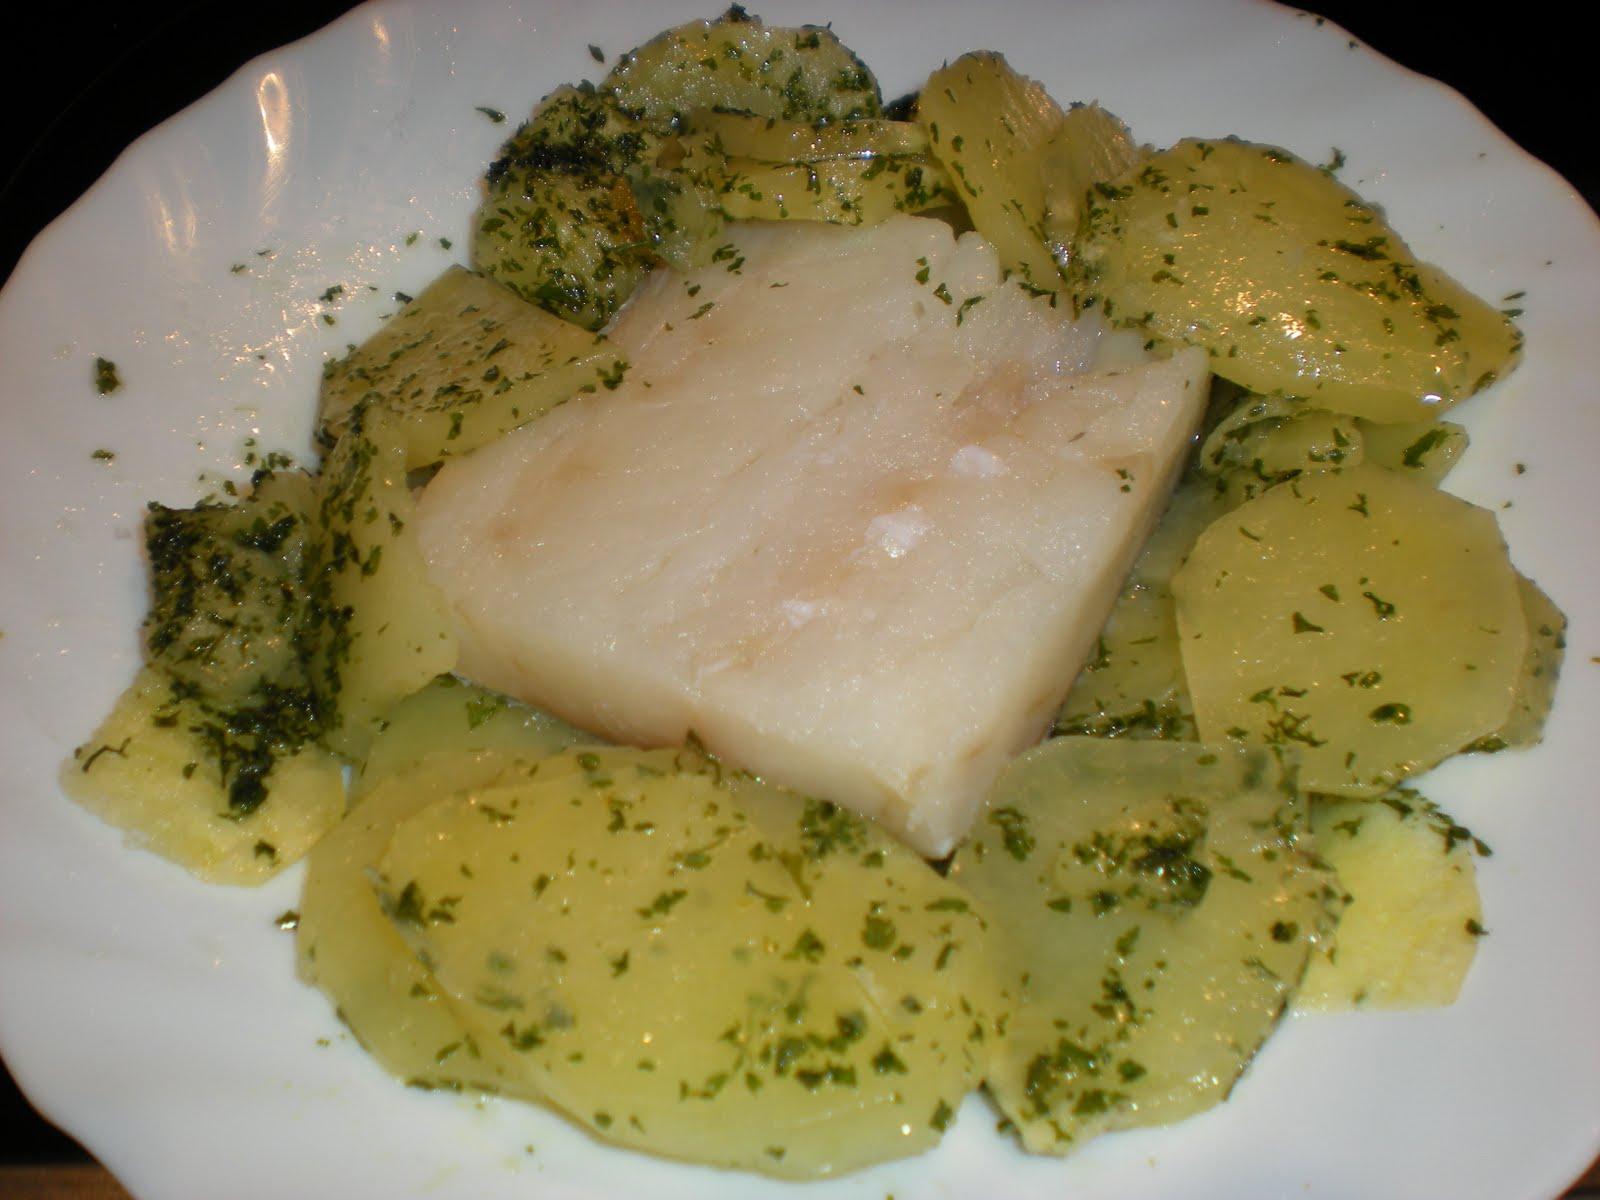 Mis trucos de cocina bacalao con patatas al microondas for Cocina bacalao con patatas